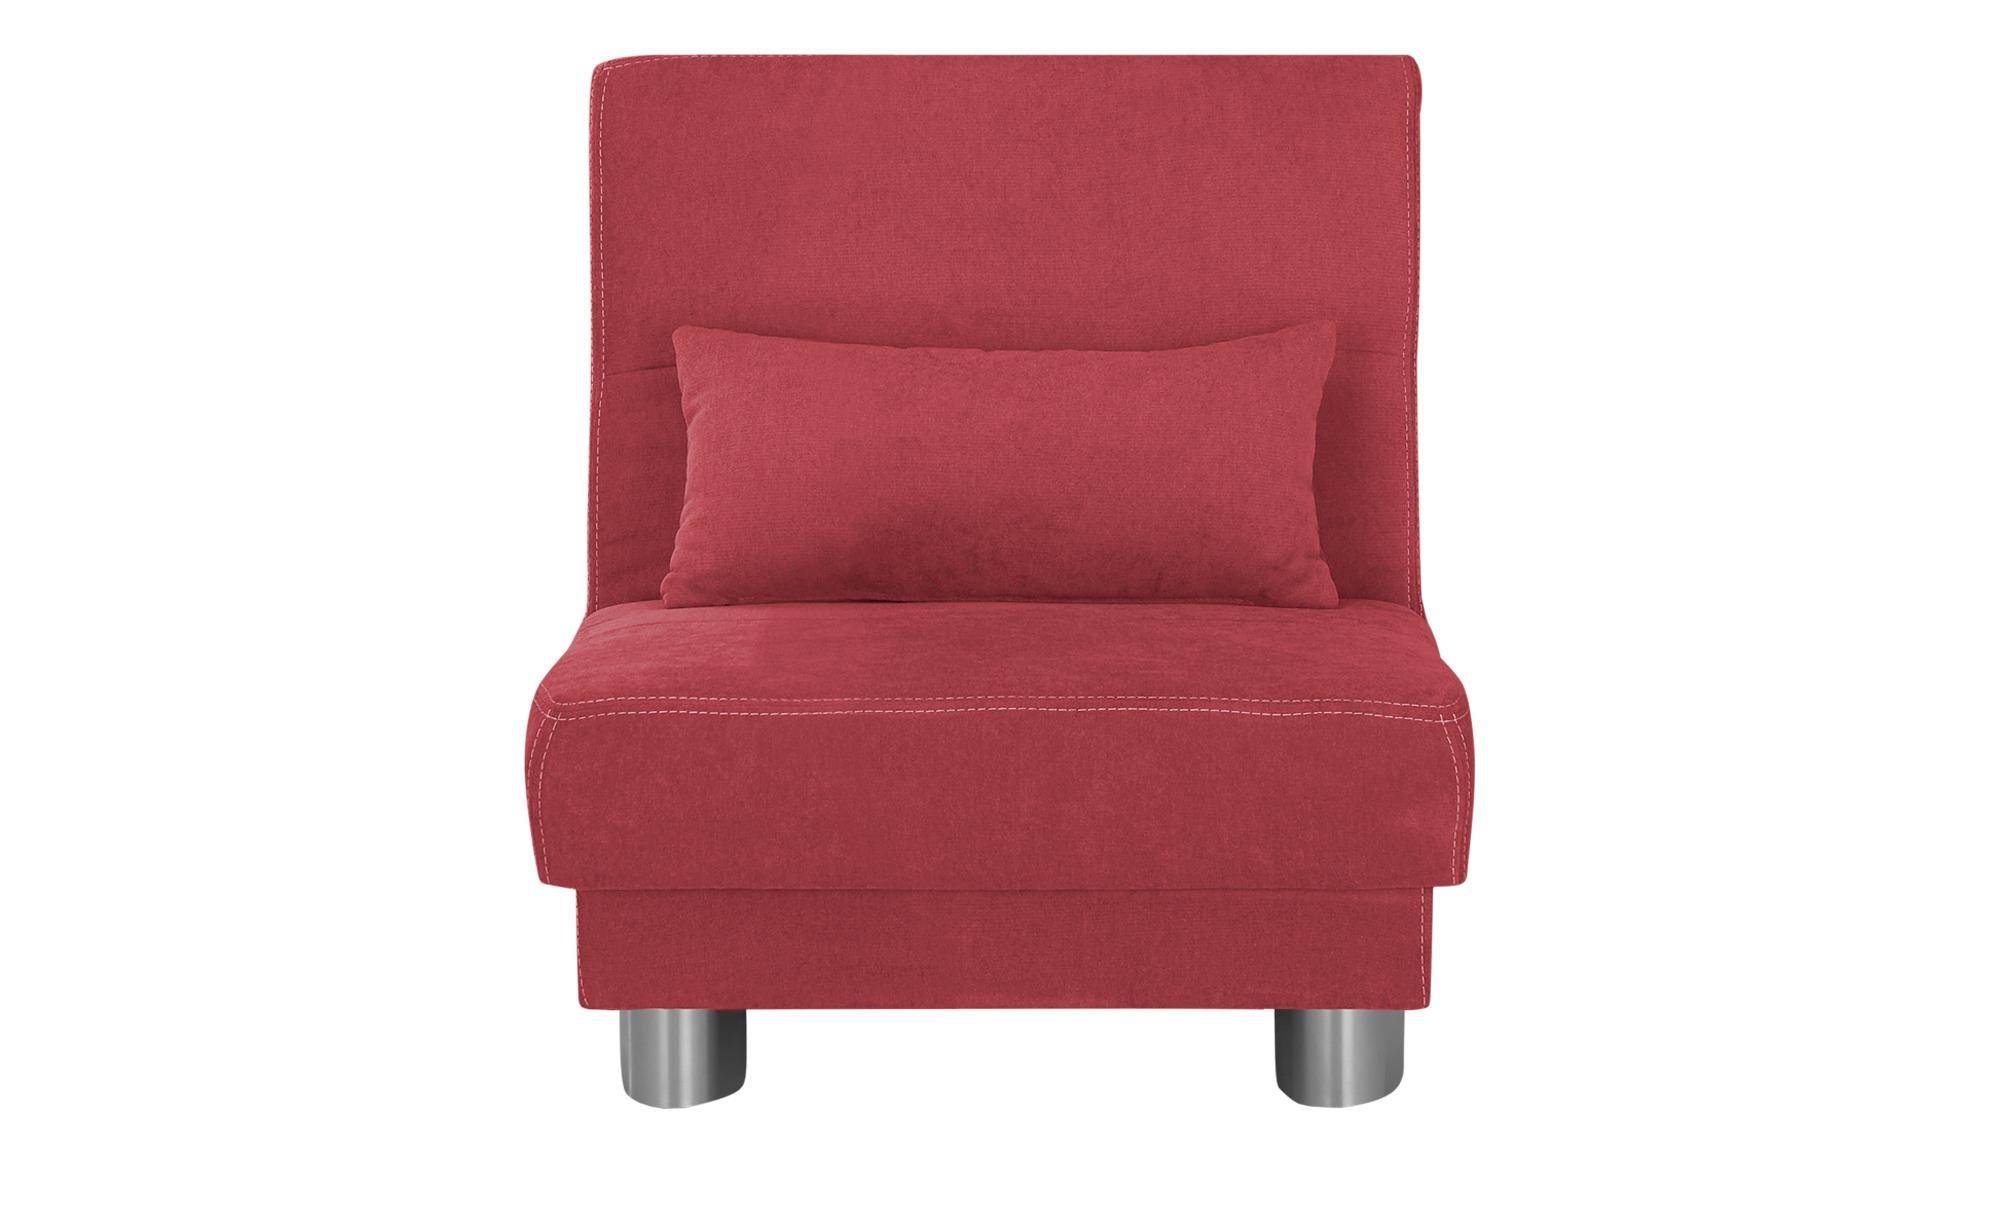 Schlafsofa  Gina ¦ rot ¦ Maße (cm): B: 80 H: 86 T: 95 Polstermöbel > Sofas > Einzelsofas - Höffner